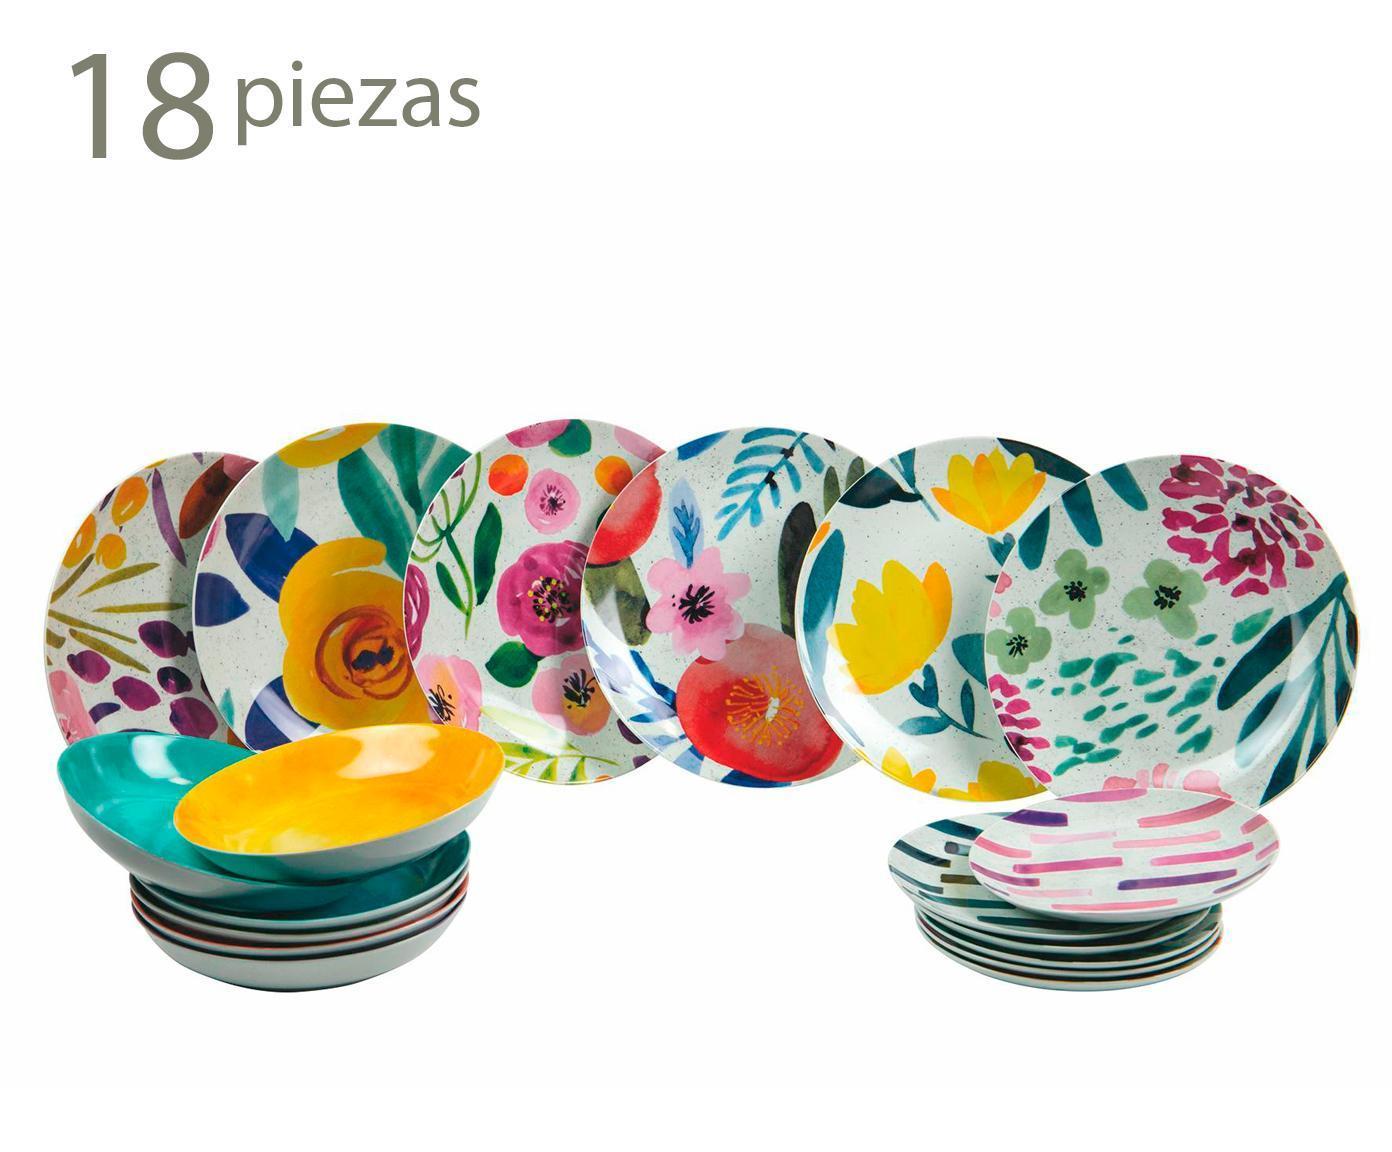 Vajilla En Porcelana New Acquarello - 18 Piezas